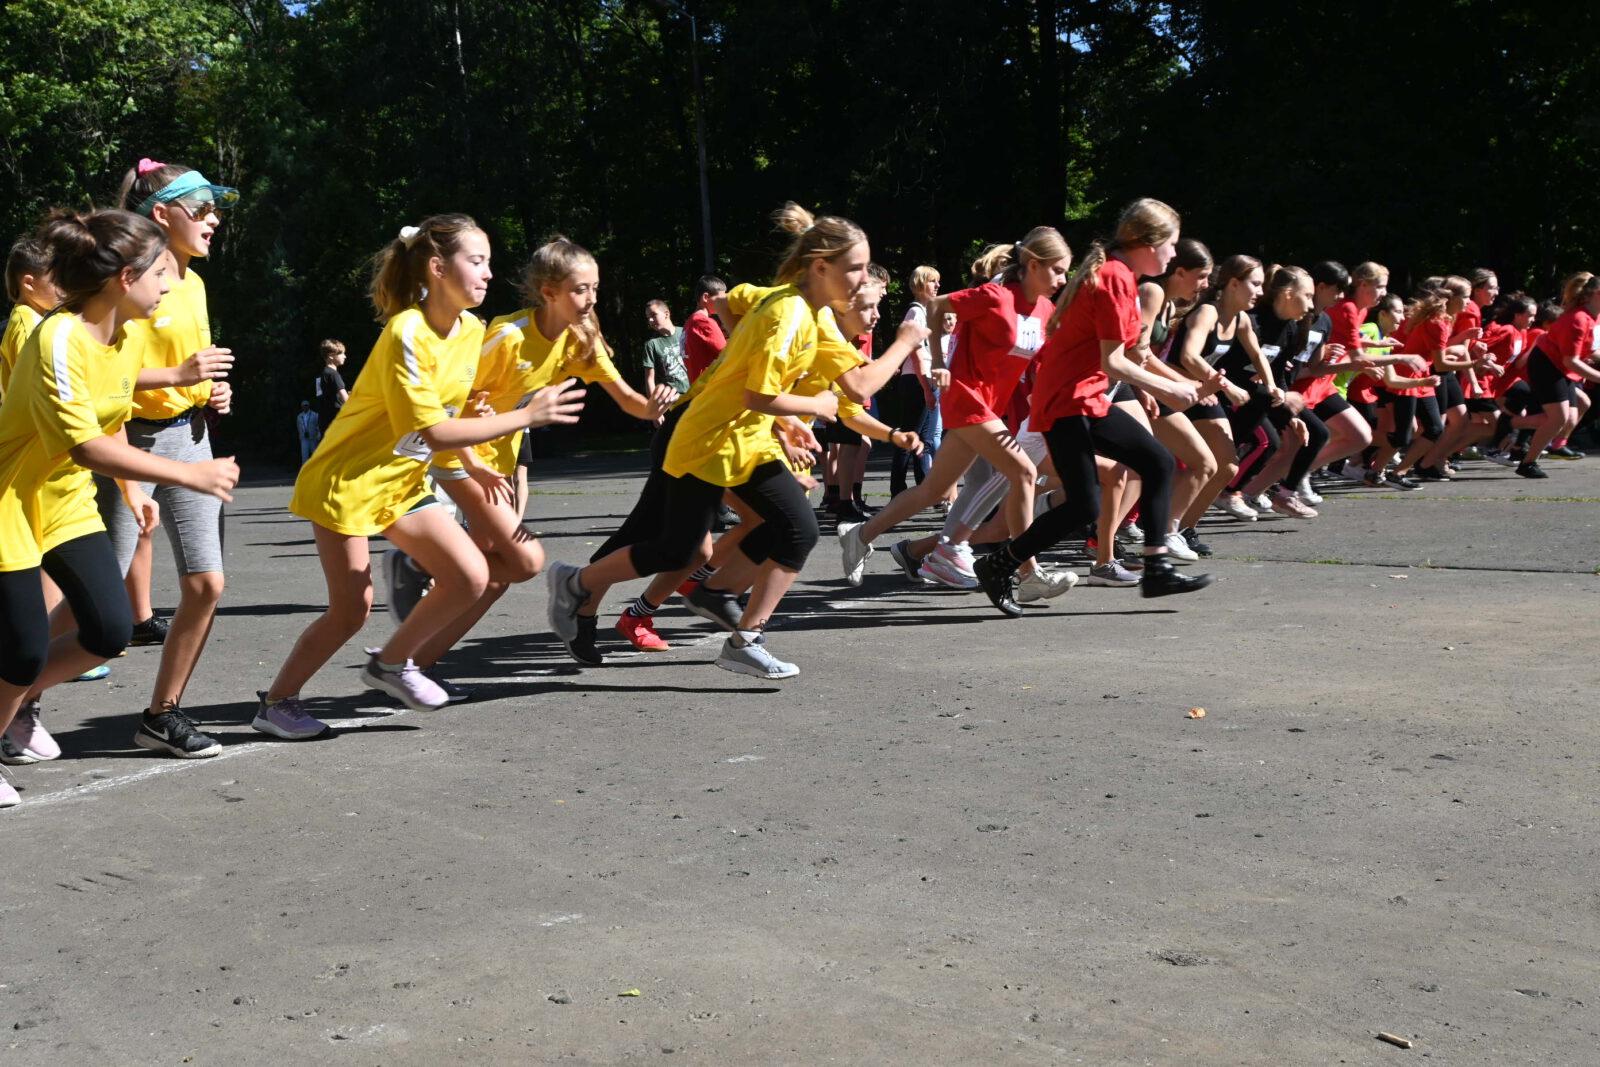 Grupa młodzieży w biegu.